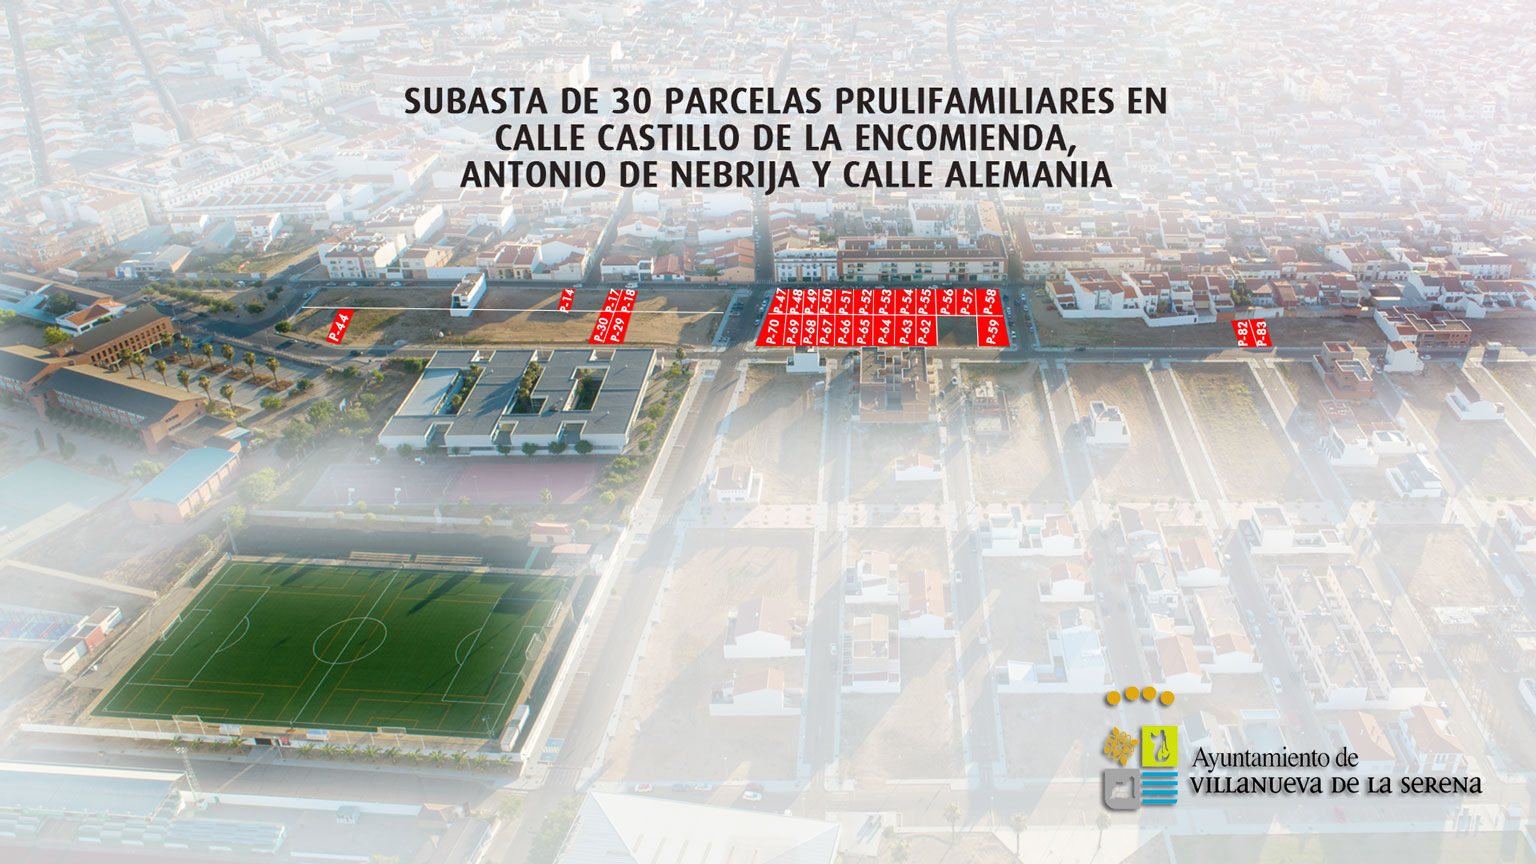 """La junta de Gobierno aprueba el expediente de contratación para la venta de 30 parcelas plurifamiliares en la """"Zona Verde-Avenida de los Deportes"""""""